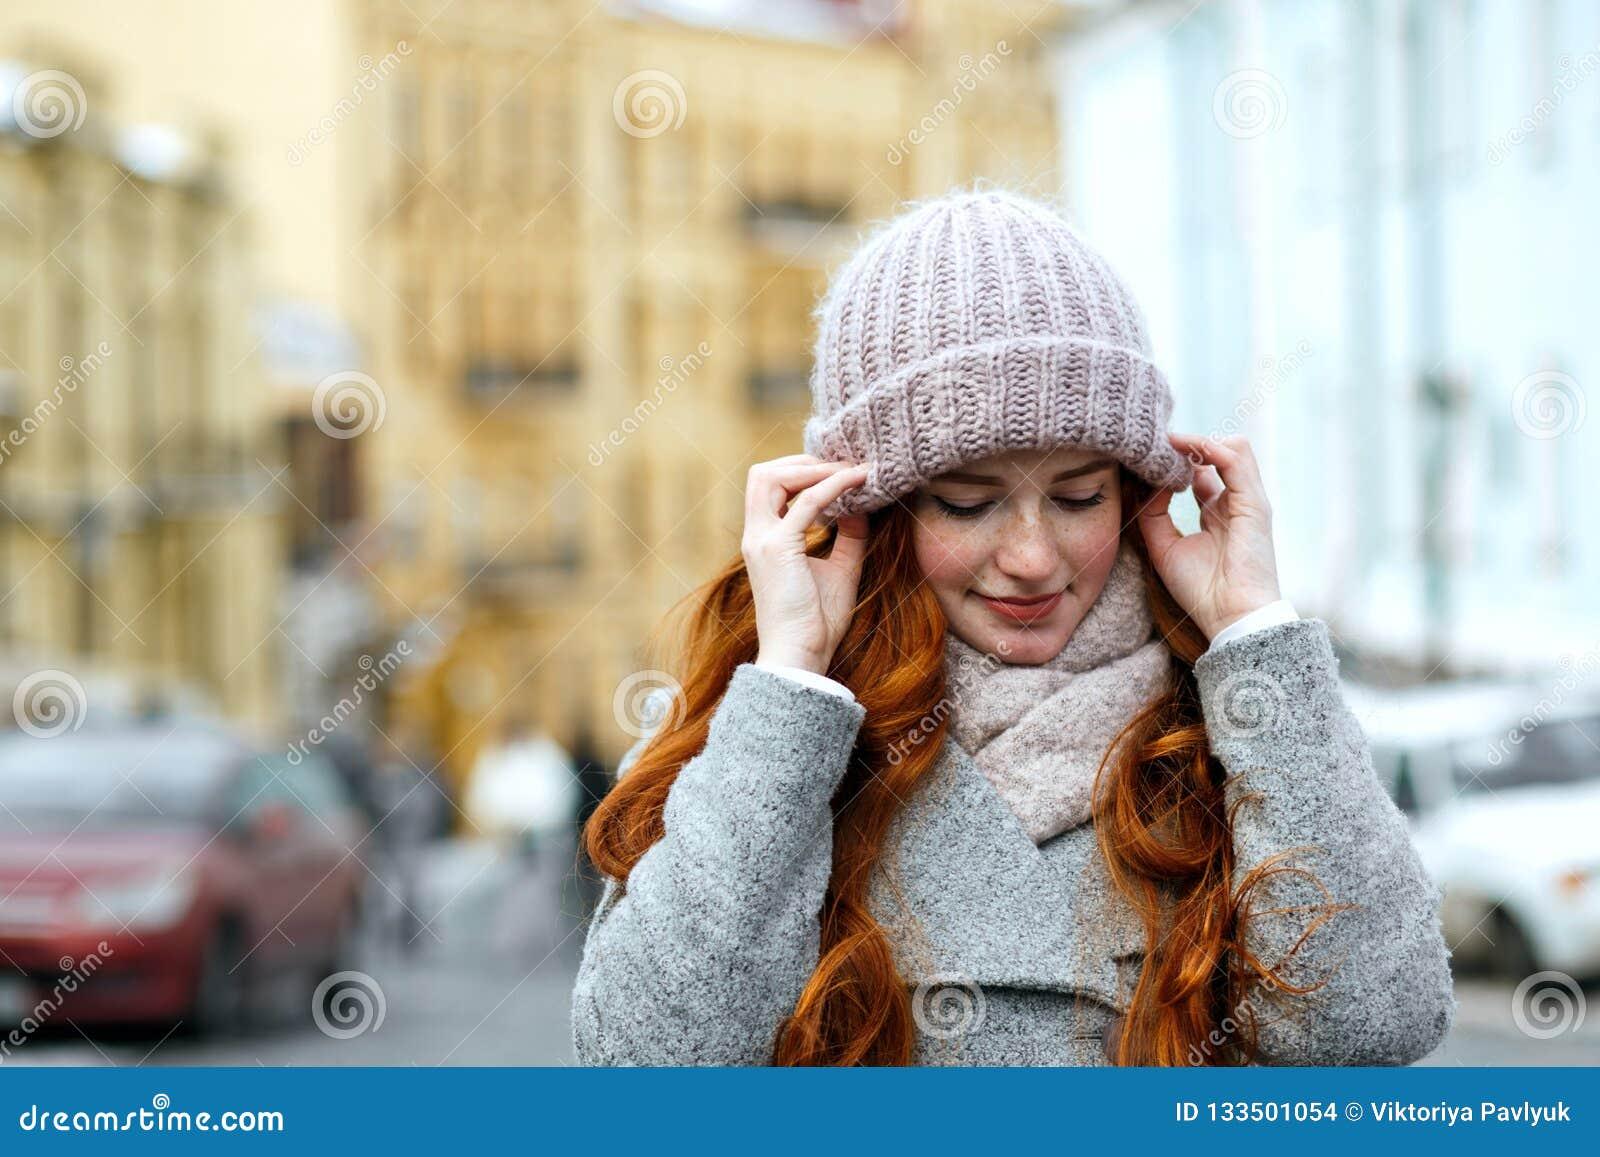 Zbliżenie portret zadziwiająca czerwona z włosami dziewczyna jest ubranym dziający ciepłego